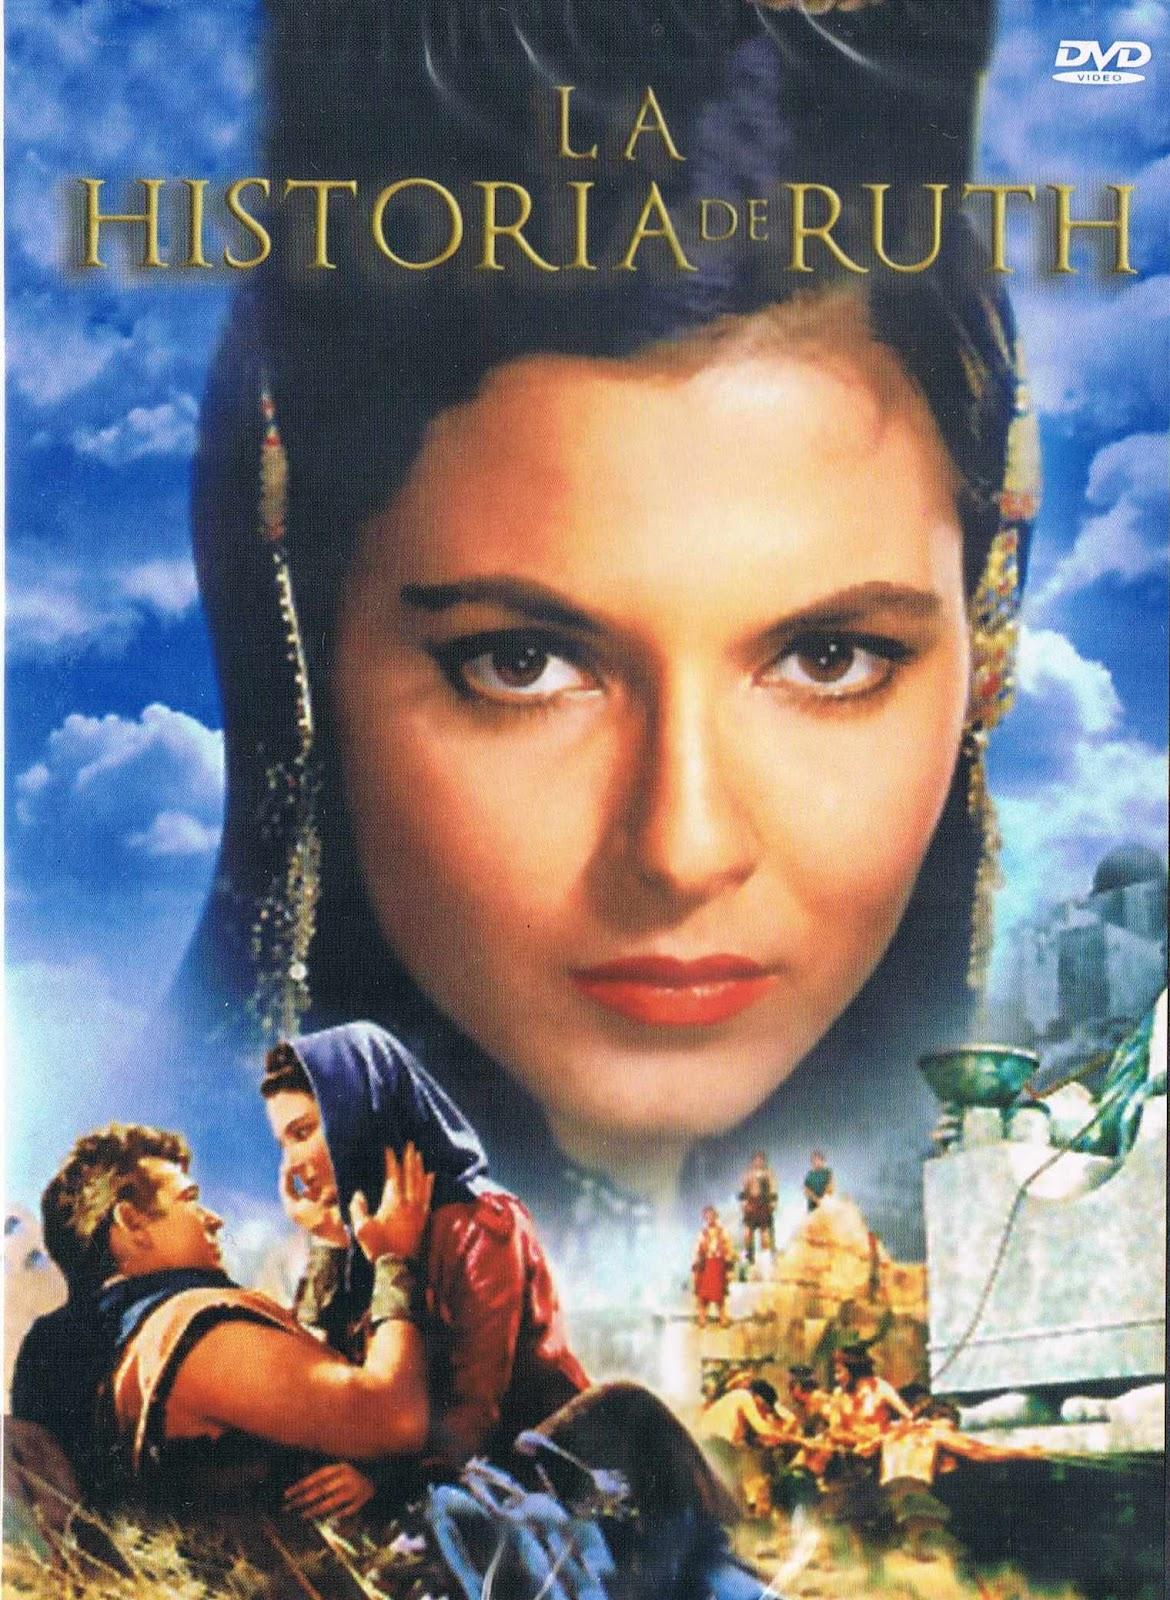 Download Filme A História de Ruth – DVDRip AVI Dual Áudio